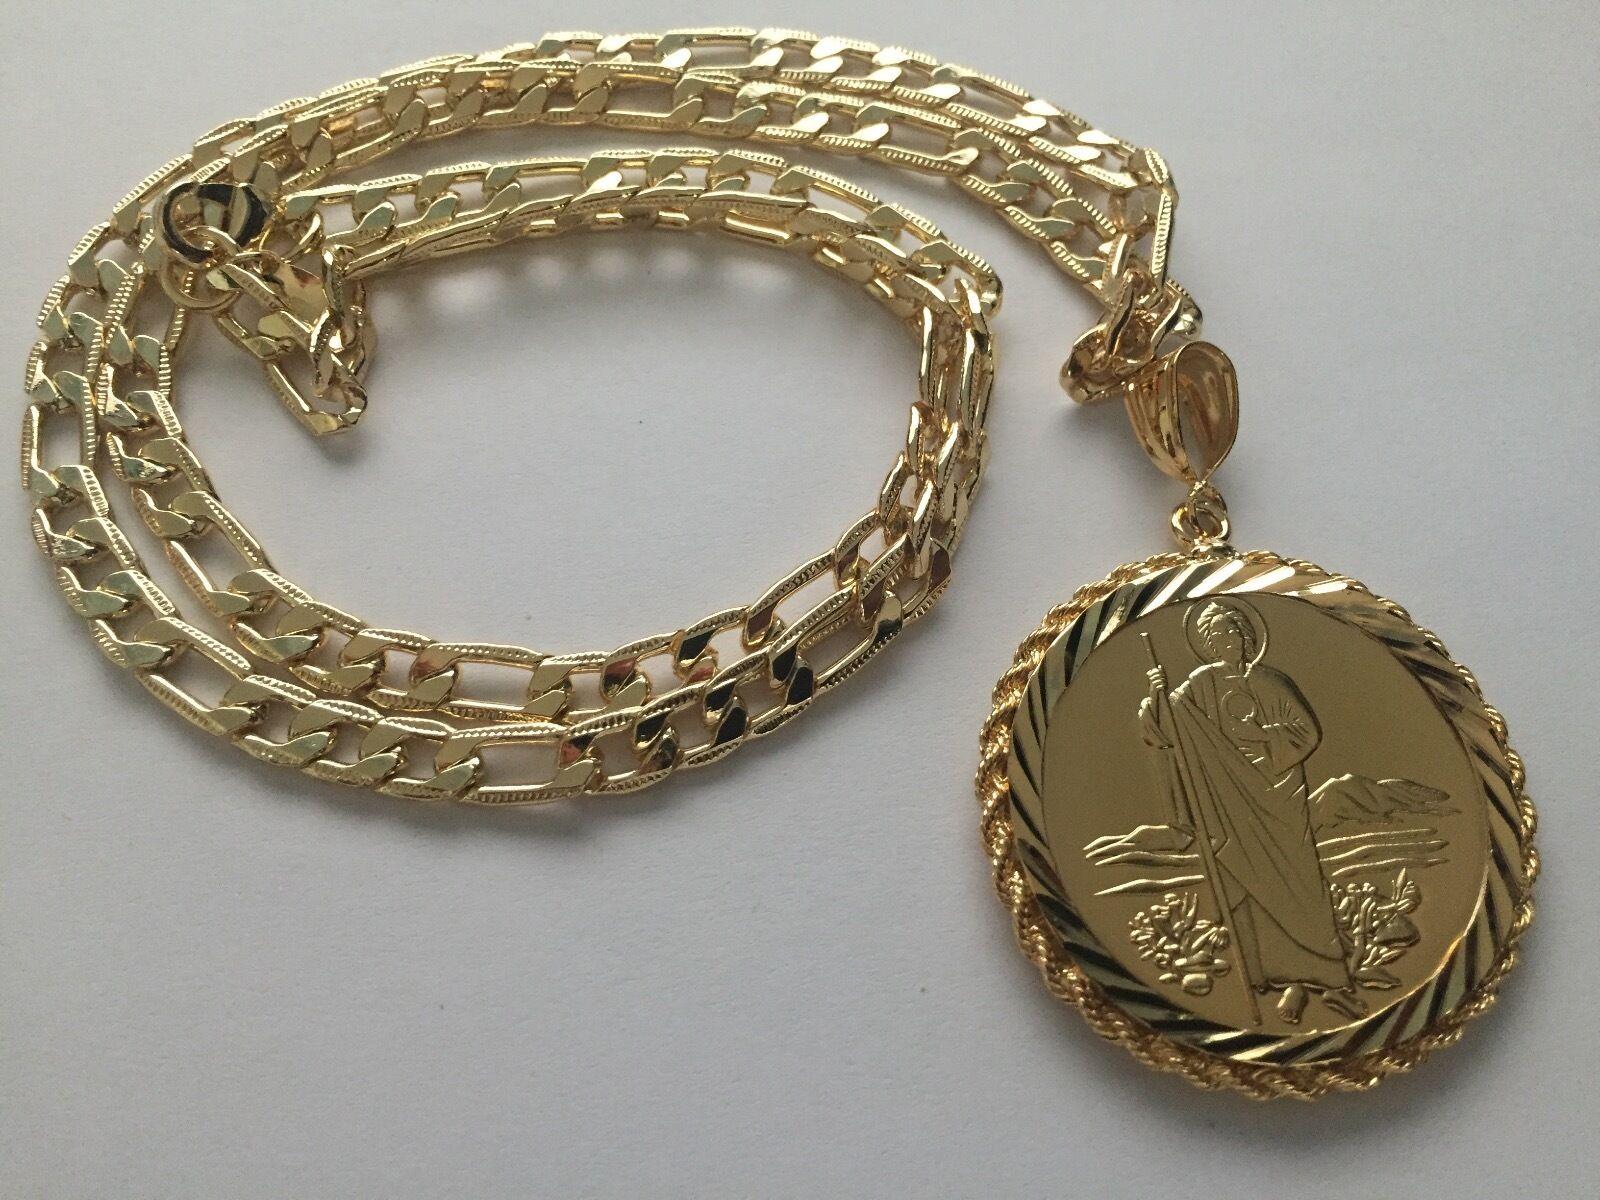 San Judas y Virgen de Guadalupe Centenario gold Laminado Cadena Sinaloense Tadeo